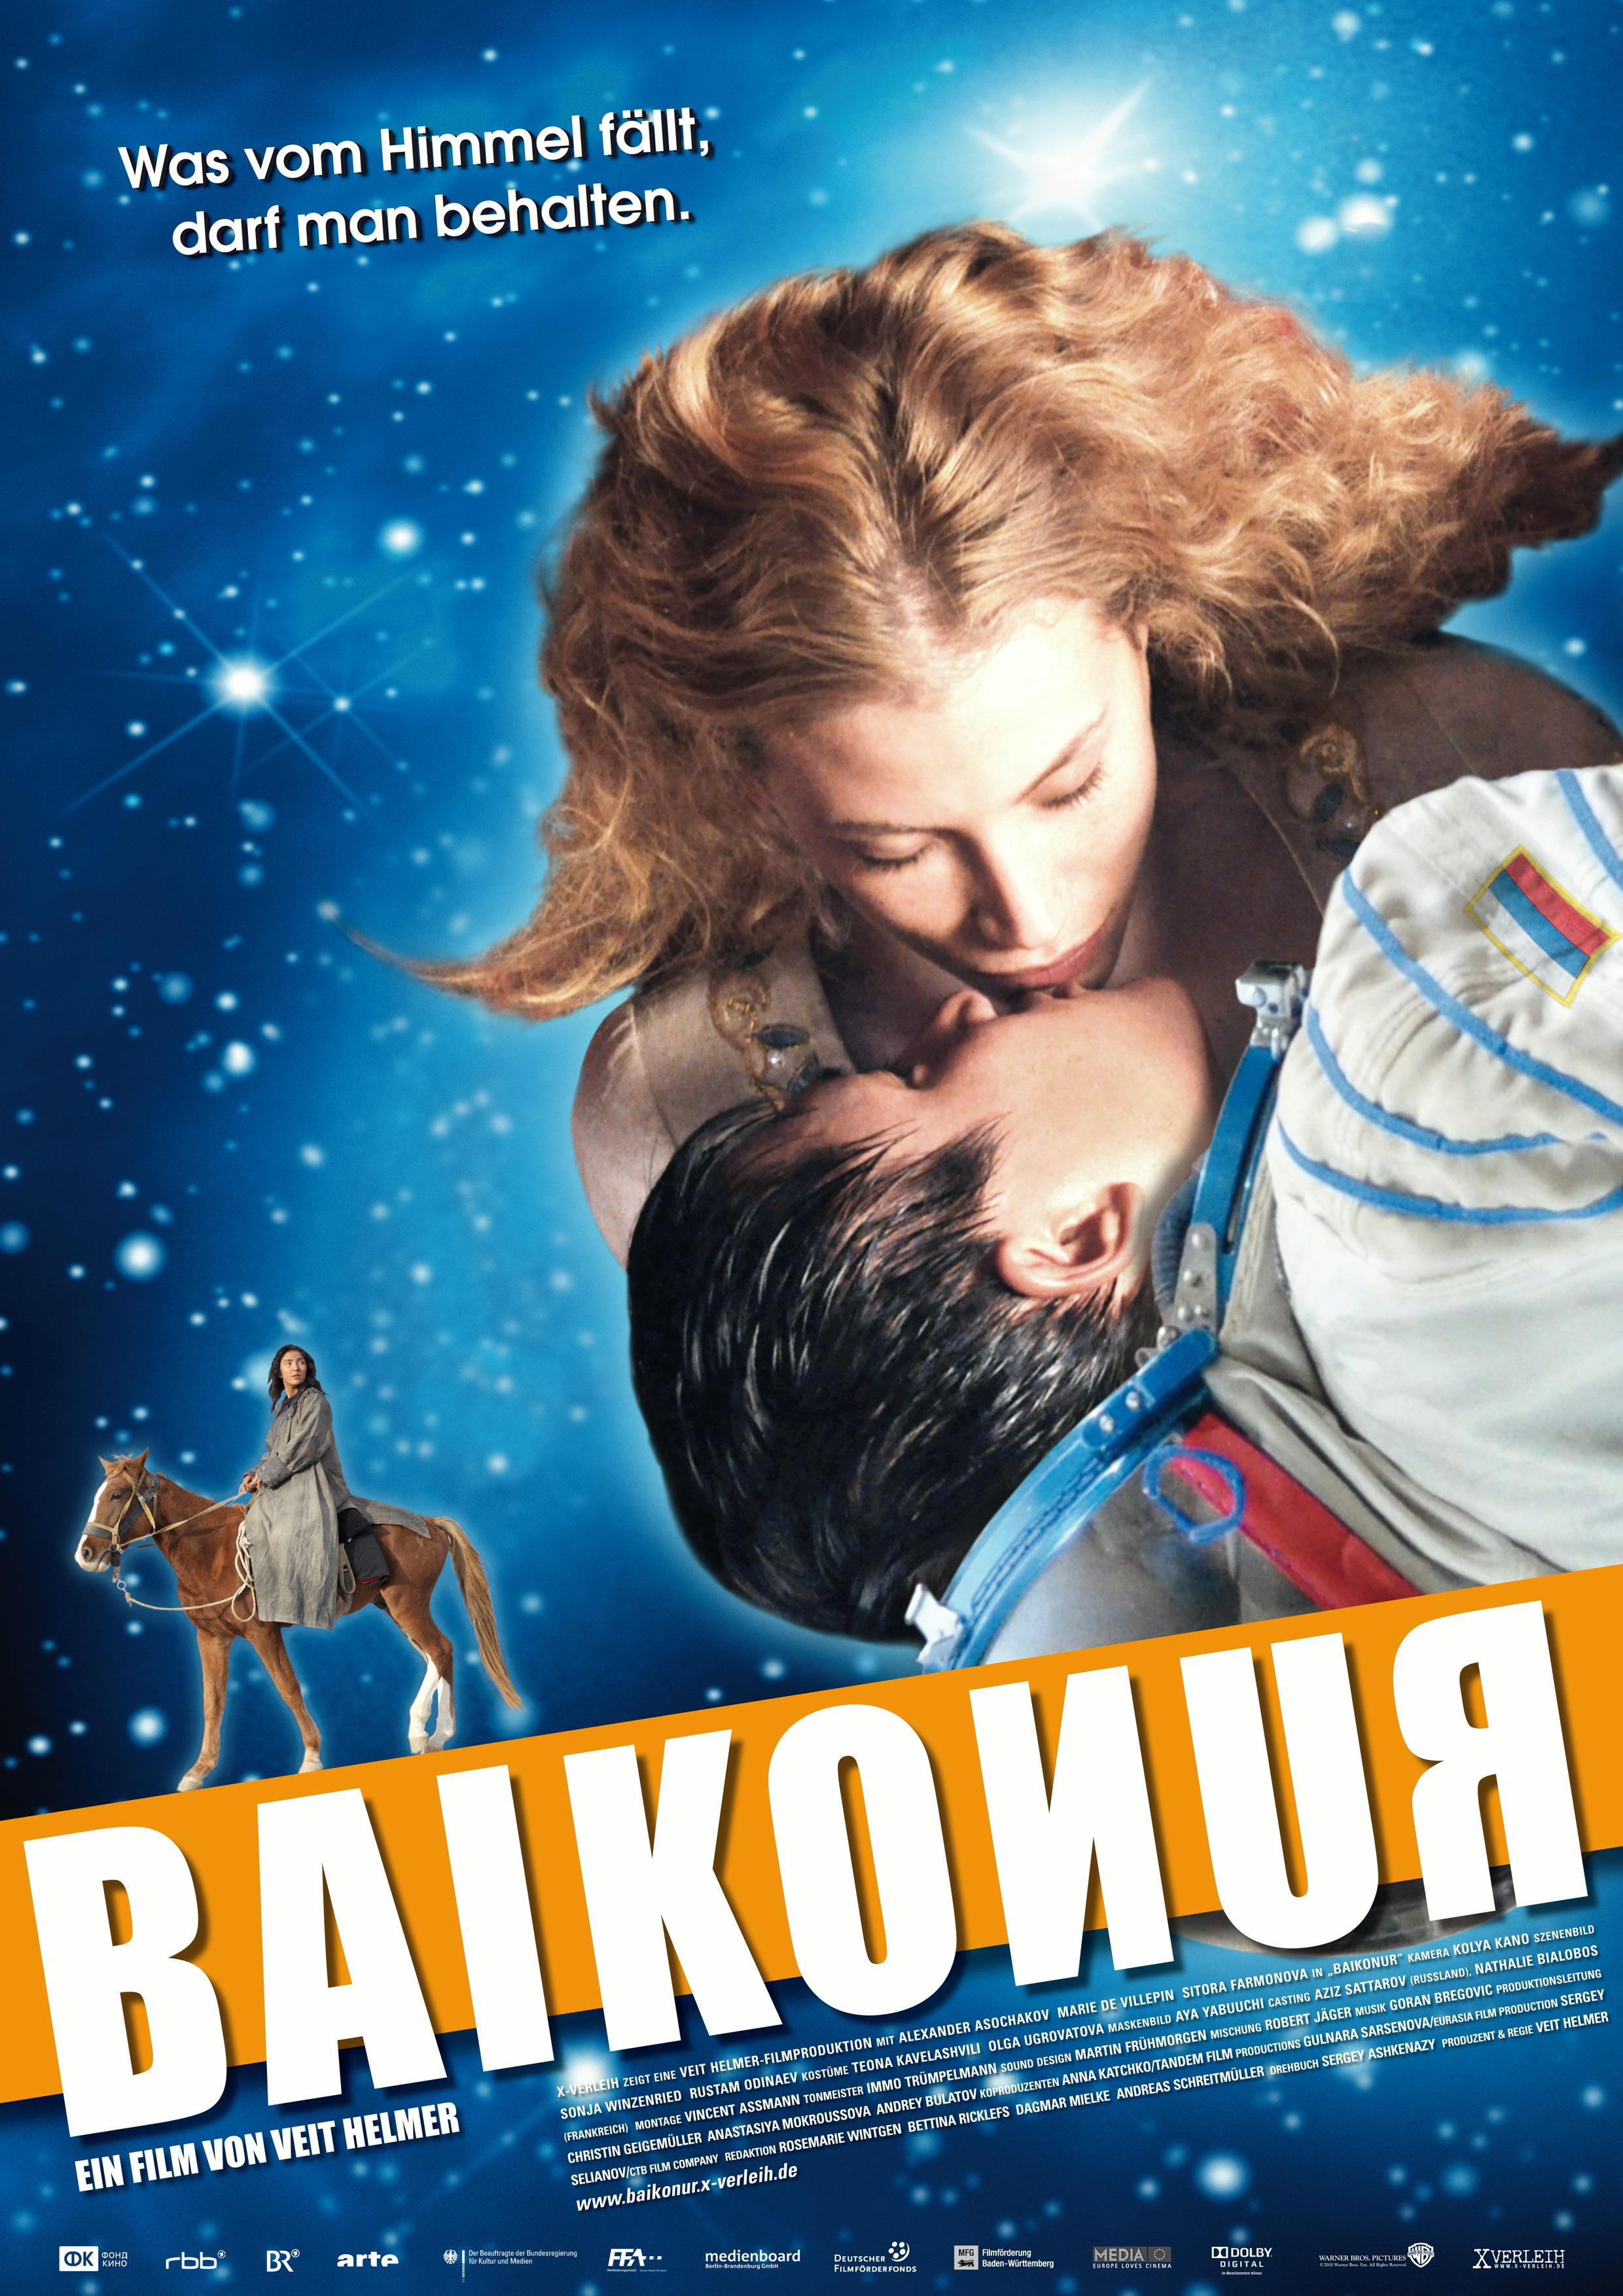 Baikonur Film (2011) · Trailer · Kritik · KINO de